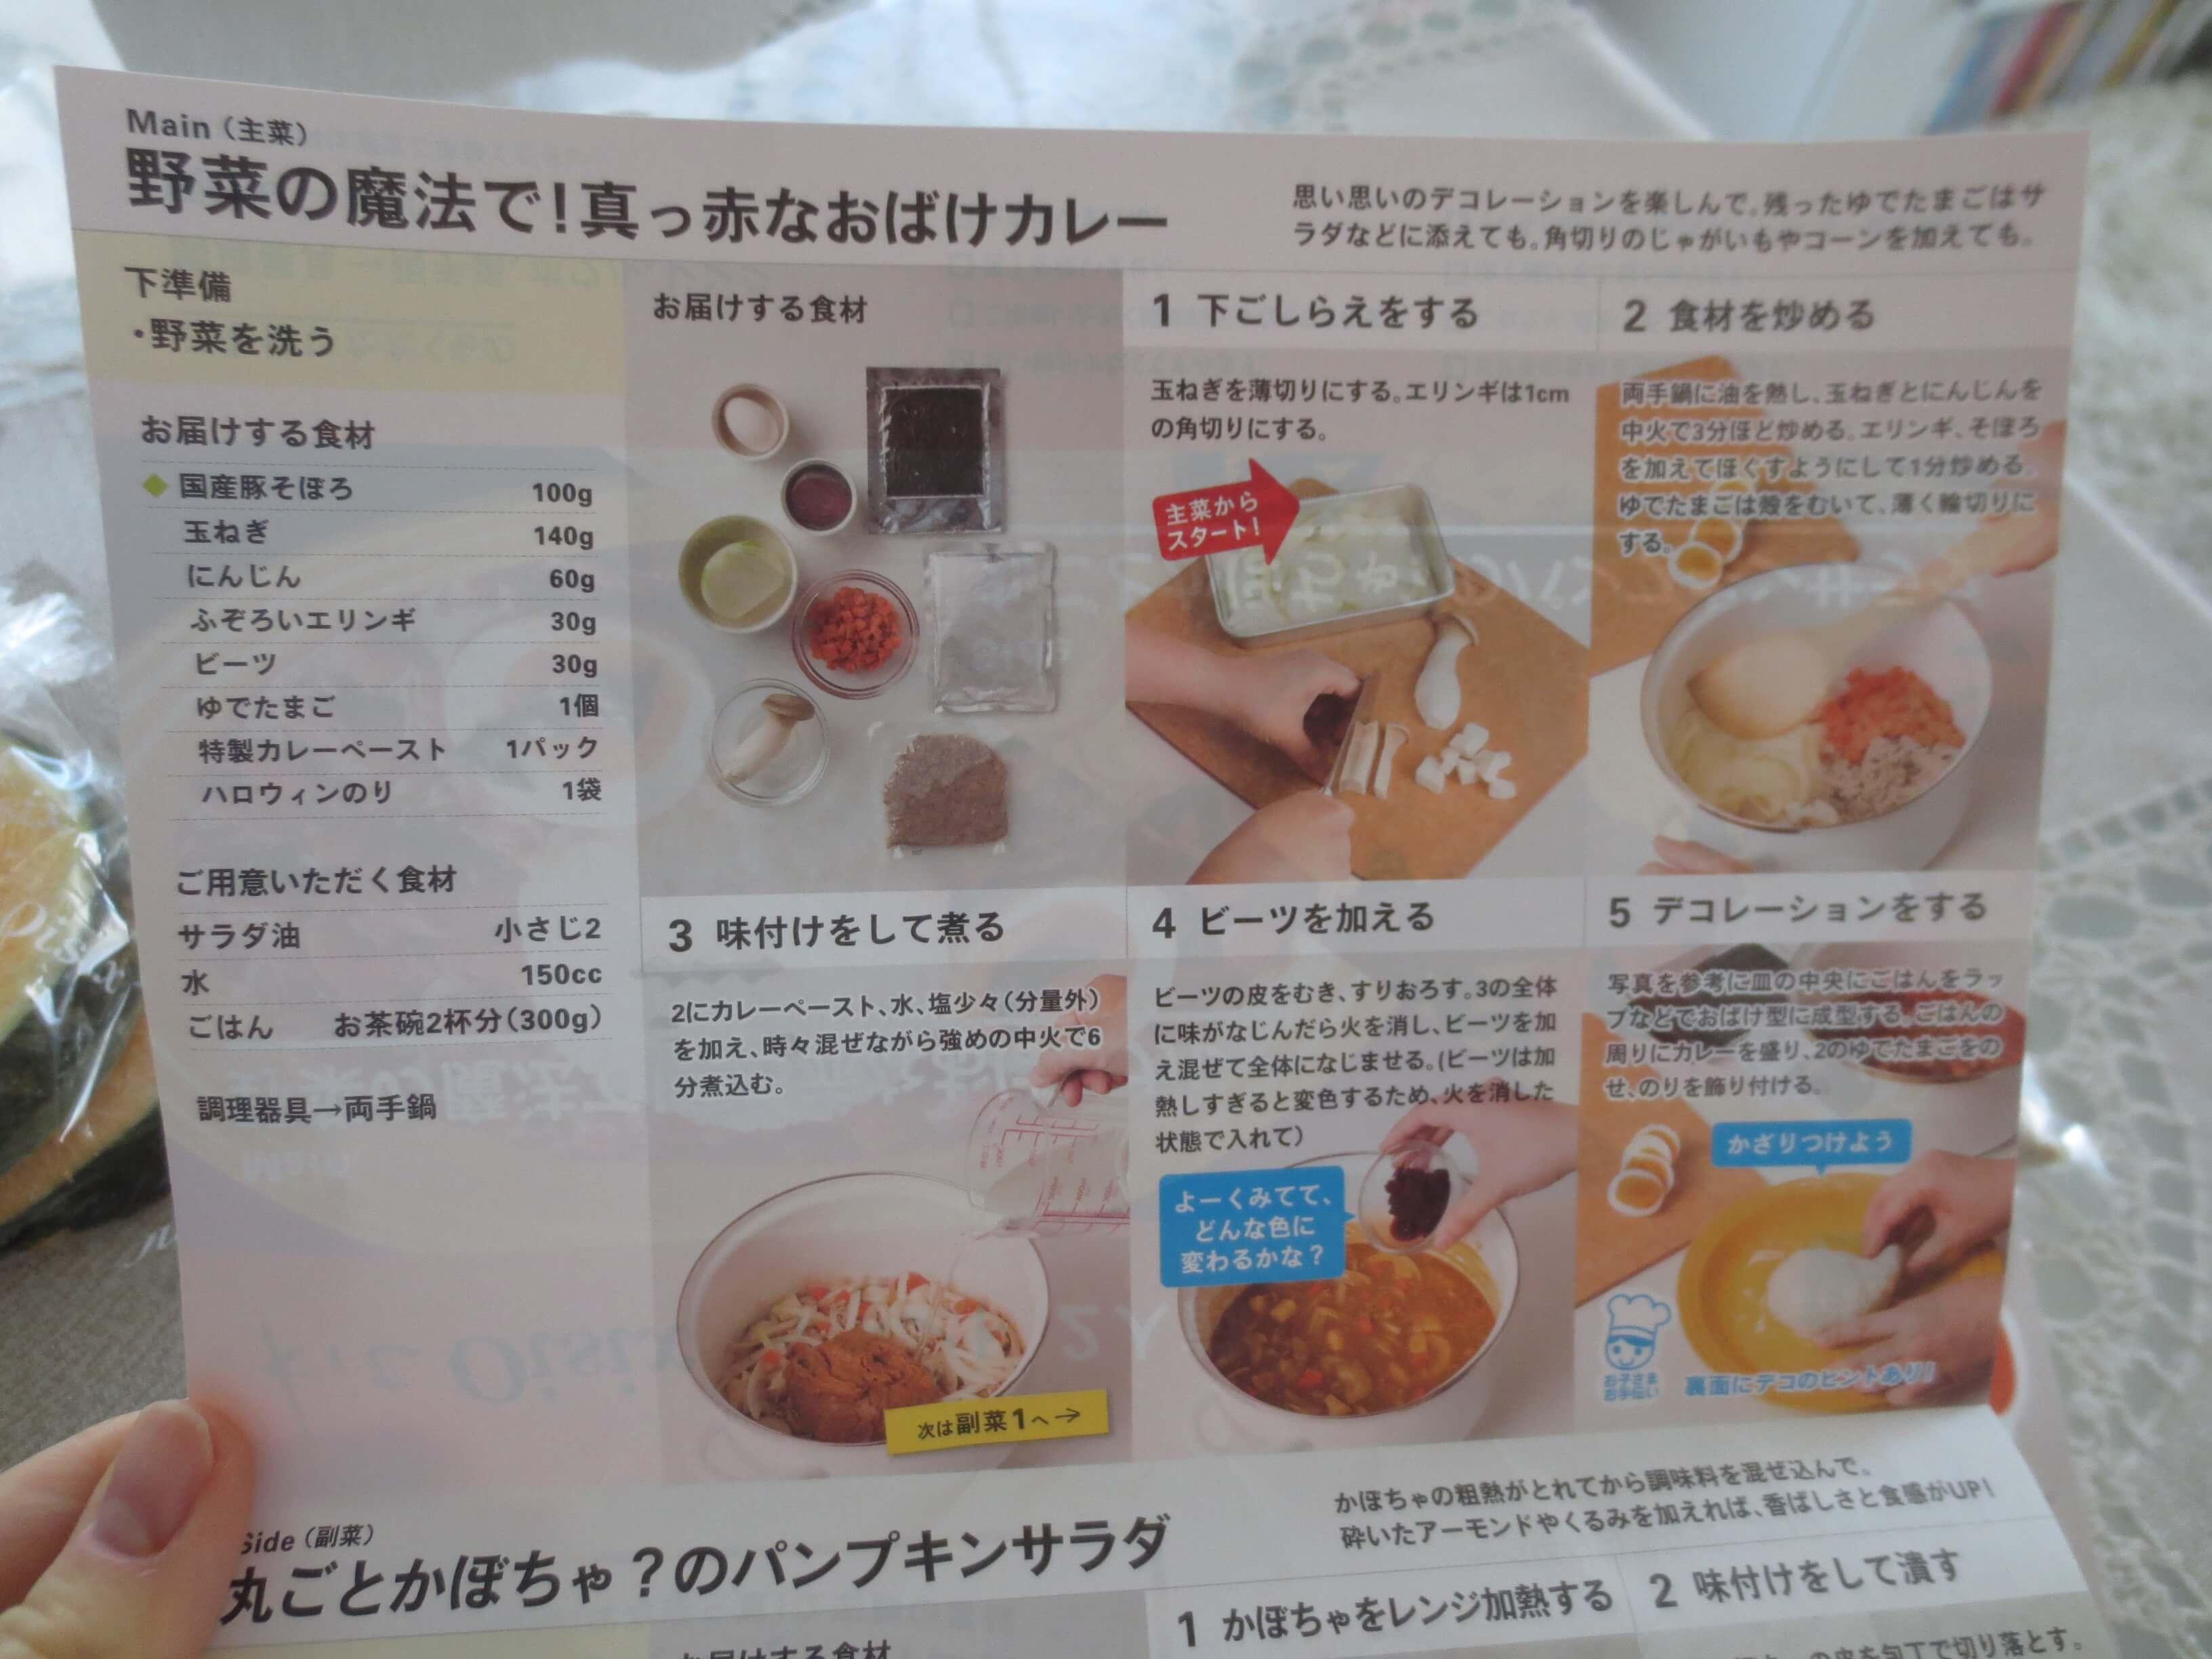 キットオイシックス・ハロウィン口コミ・評判4